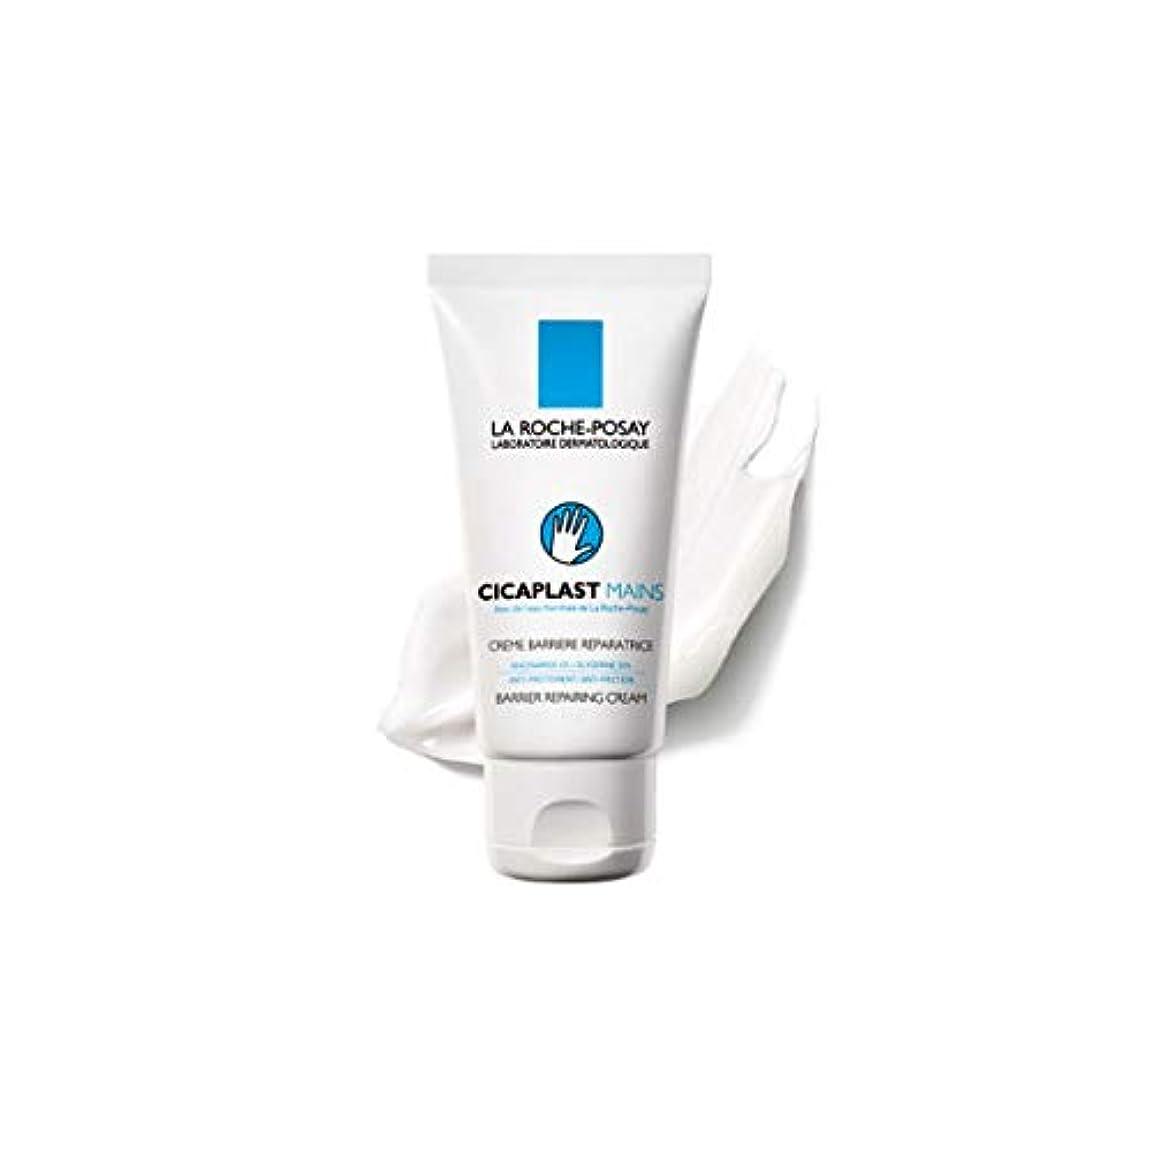 ラベル罹患率オピエートLAROCHE-POSAY Cicaplast デイリーハンドトリートメントクリーム Daily Hand Treatment Cream